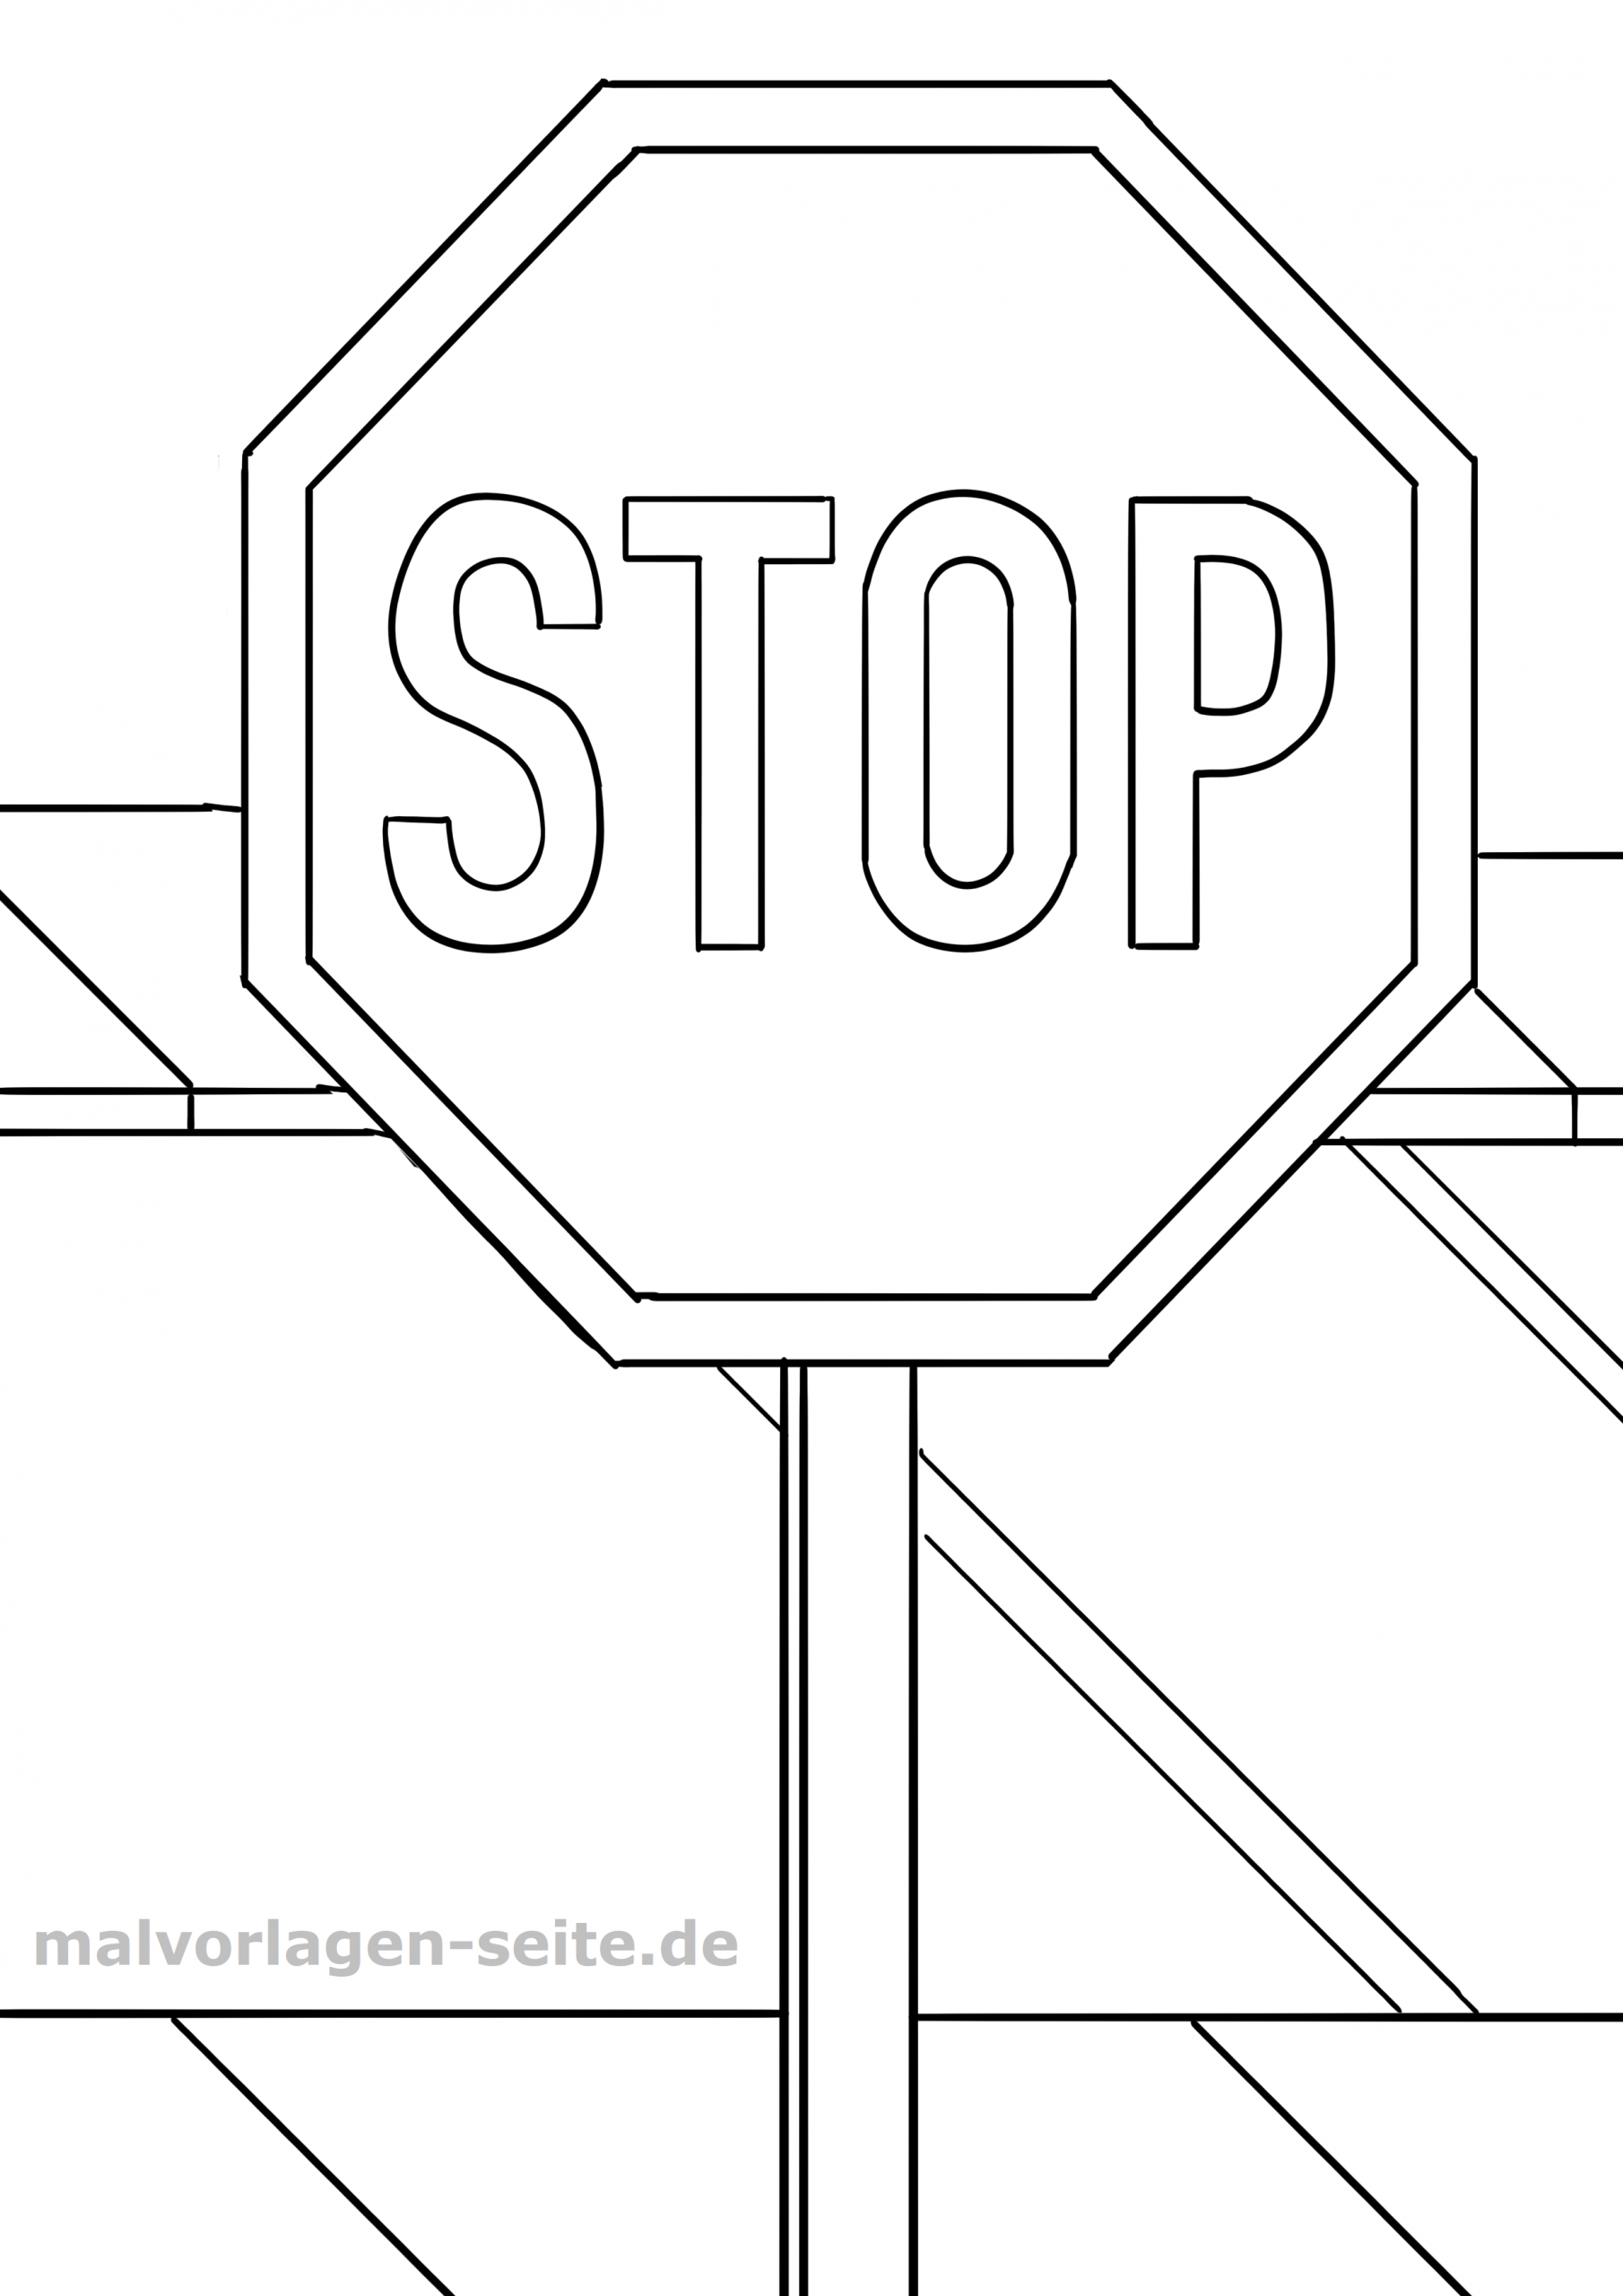 Verkehrszeichen Zum Ausmalen In Kindergarten Oder Grundschule ganzes Verkehrsschilder Zum Ausmalen